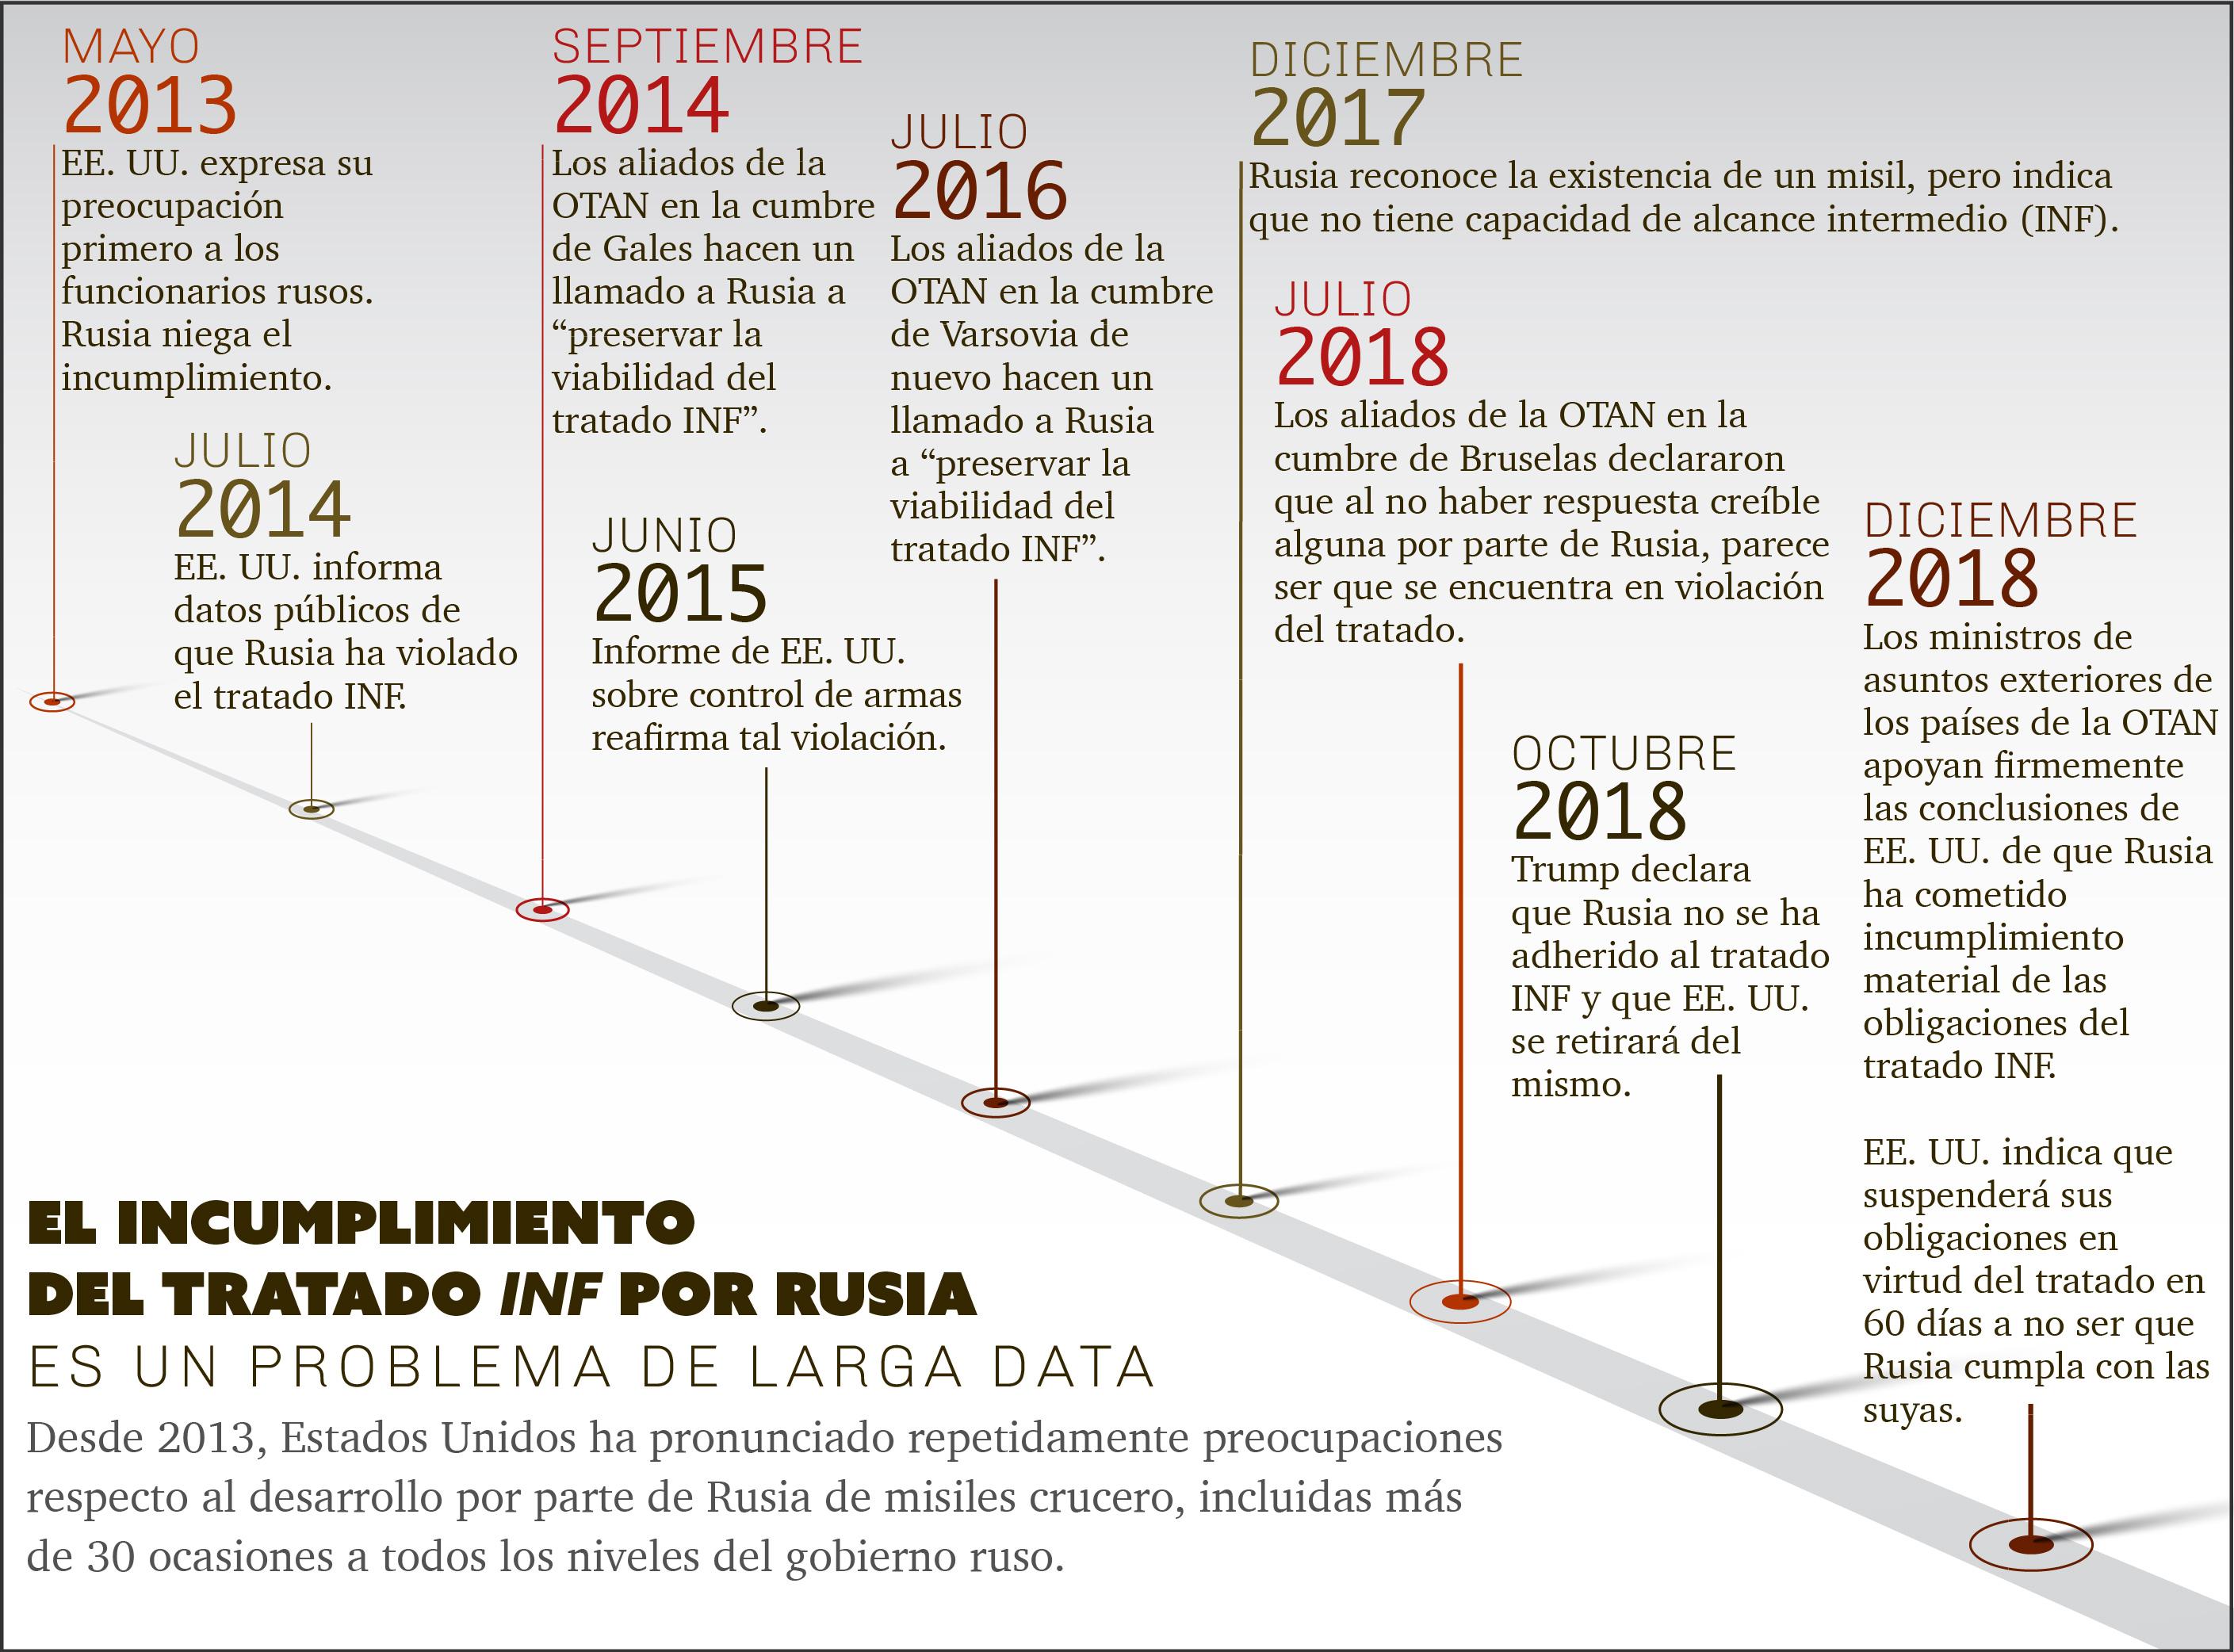 Cronograma de declaraciones importantes en relación al incumplimiento del tratado INF por parte de Rusia (Depto. de Estado)